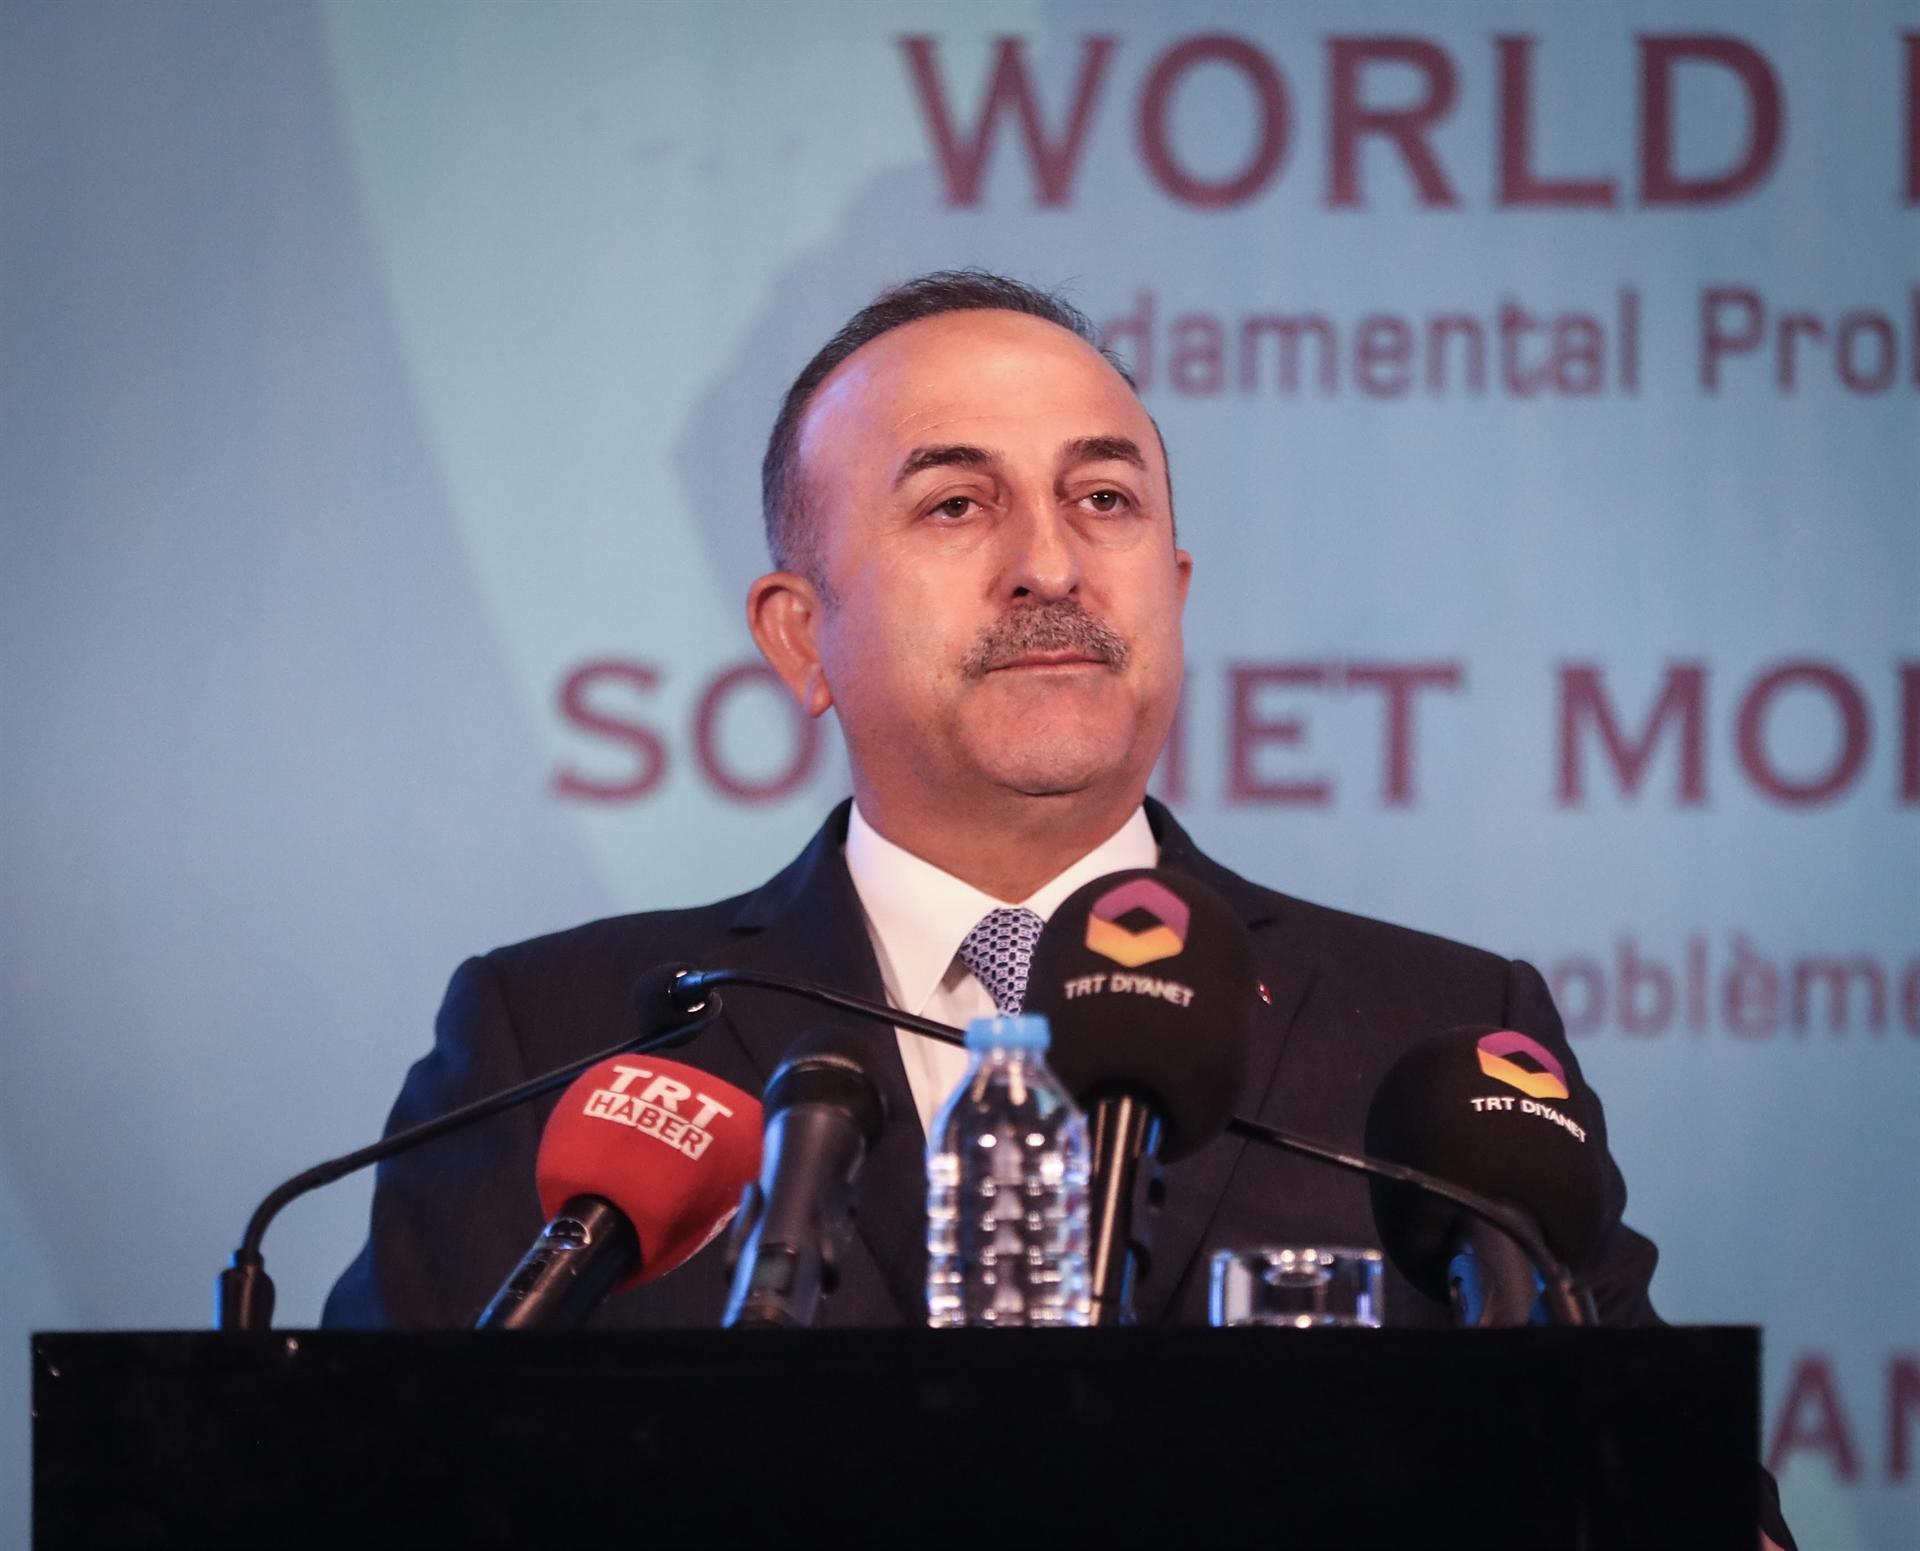 Türk FM, Batı'daki Müslüman karşıtı duyguları uyardı